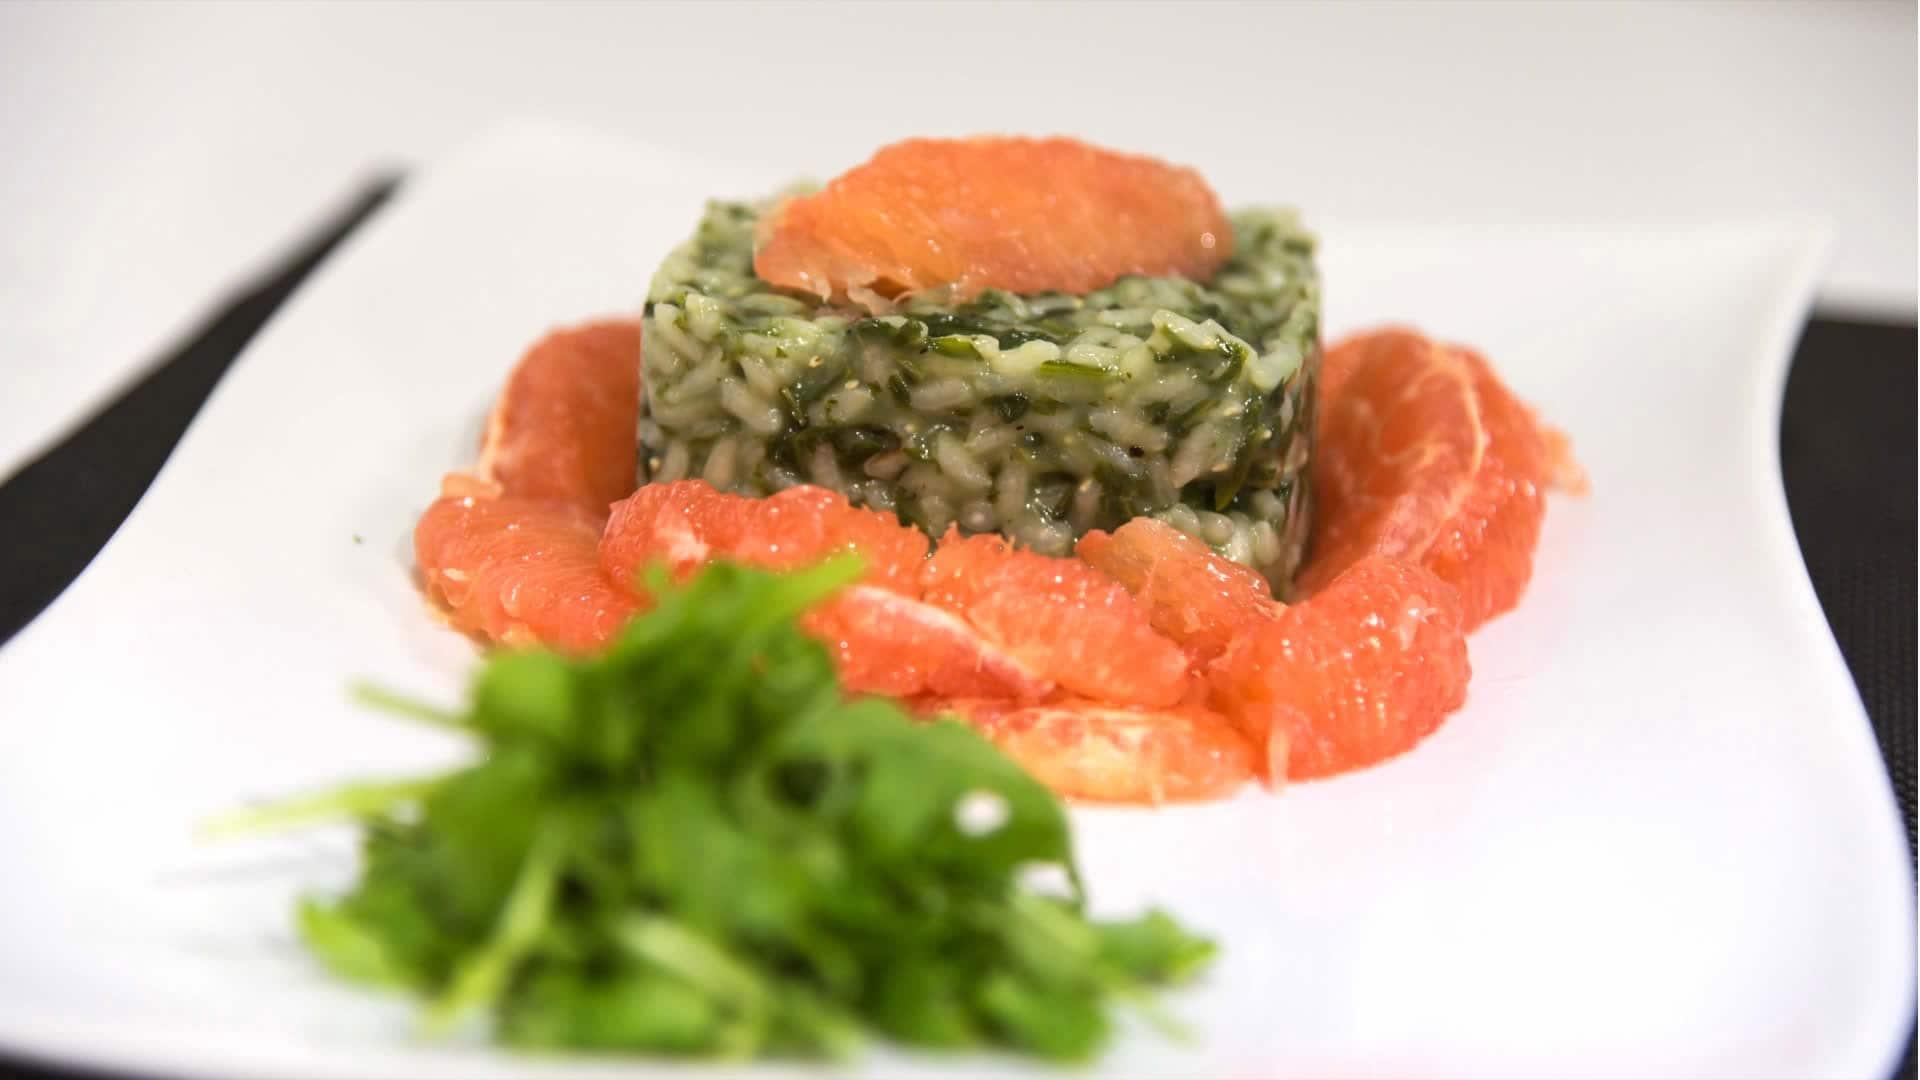 Foto Risotto con rucola, centella asiatica e pompelmo rosa - ricetta anticellulite